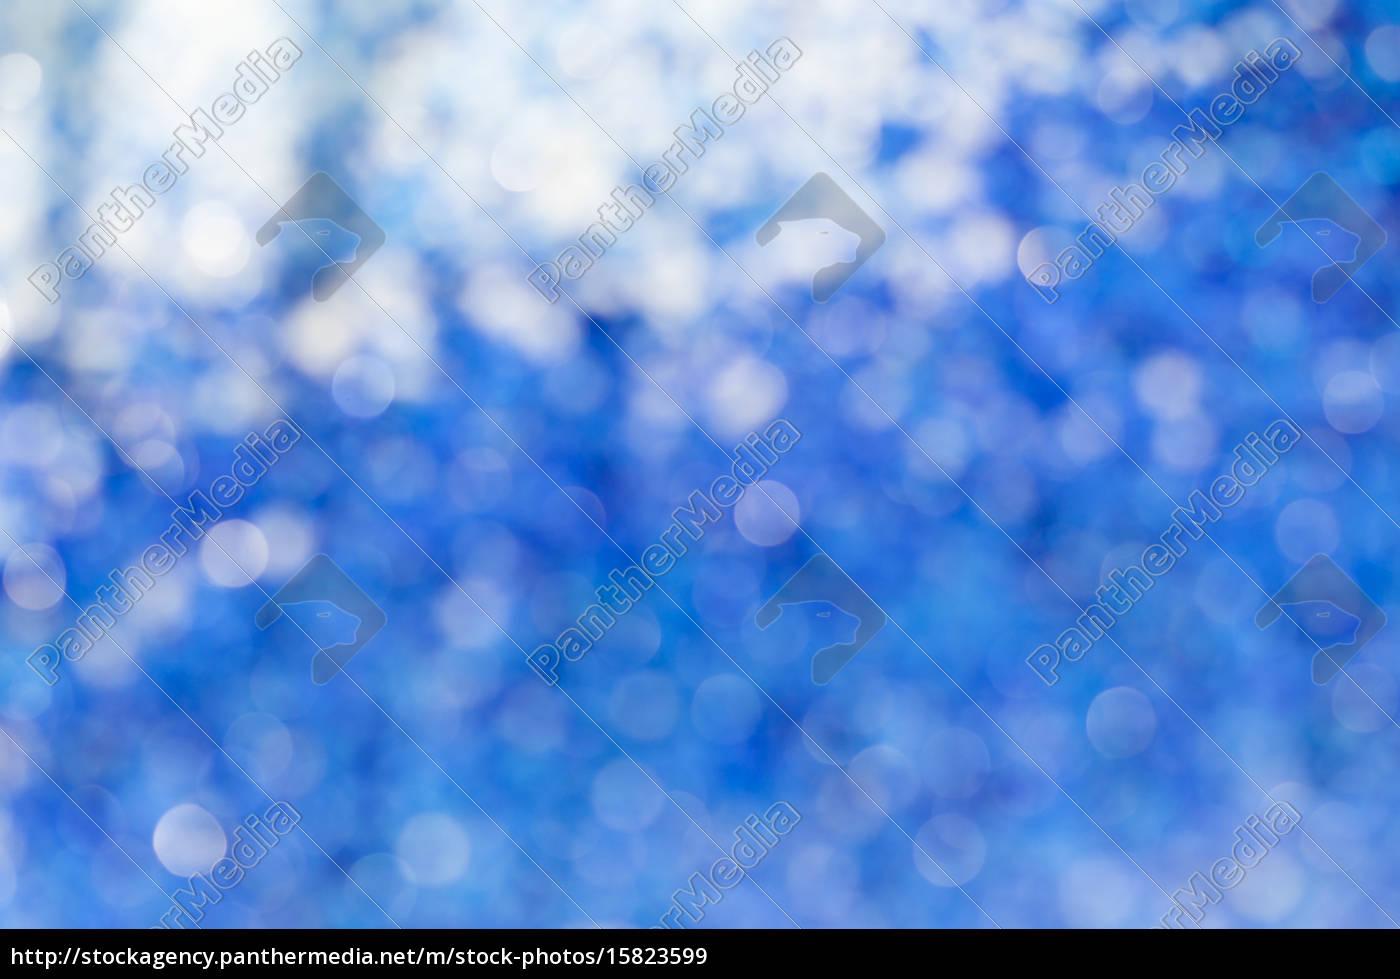 fundo, azul, desfocado - 15823599